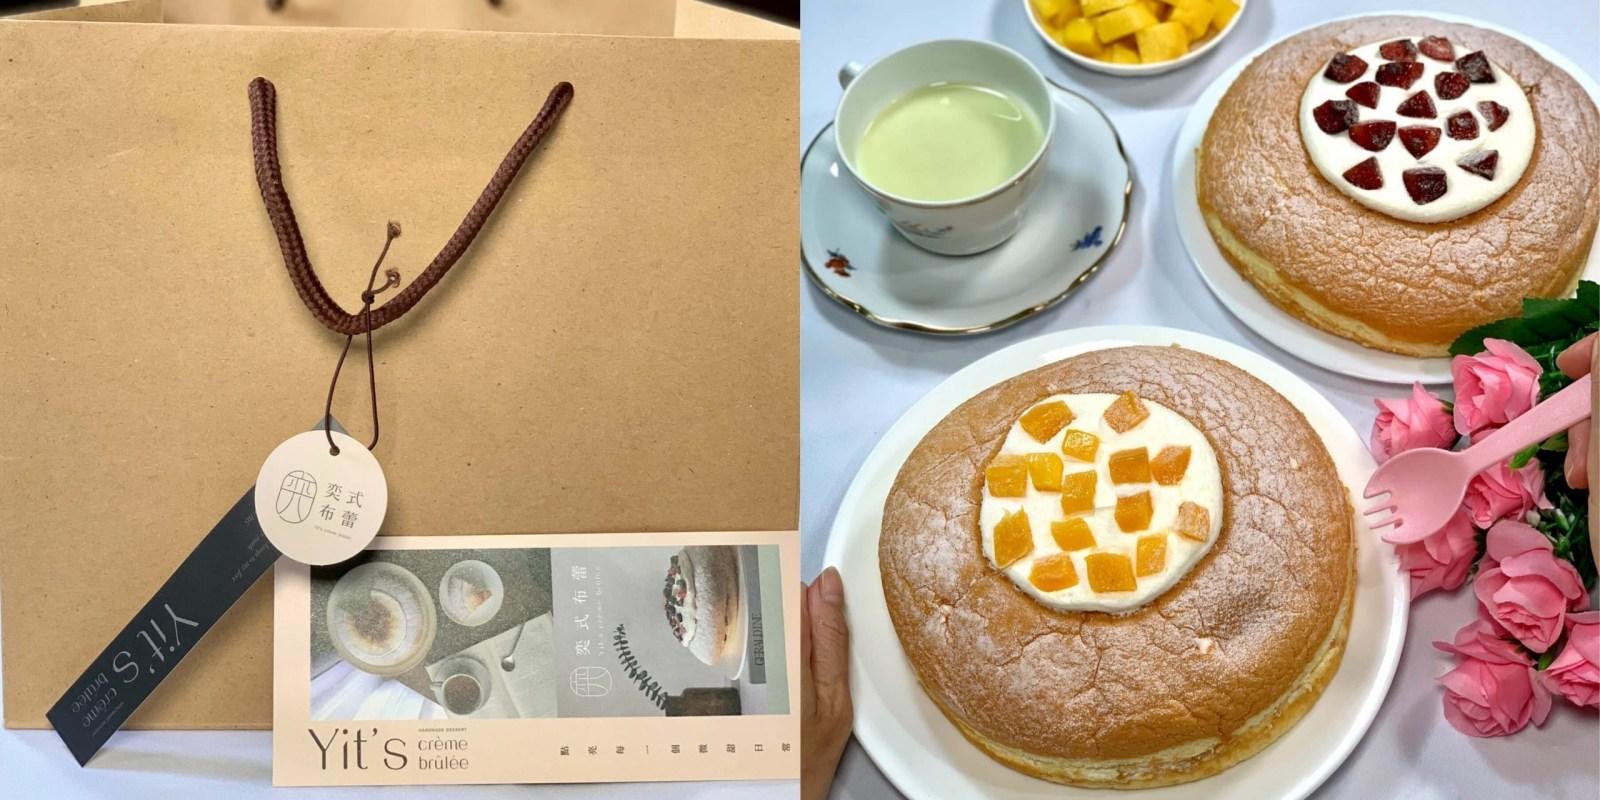 【宅配美食】奕式布蕾 厚實的布蕾、清爽的鮮奶油、鬆軟的蛋糕體、新鮮飽滿的水果,層層堆疊的口感好享受!